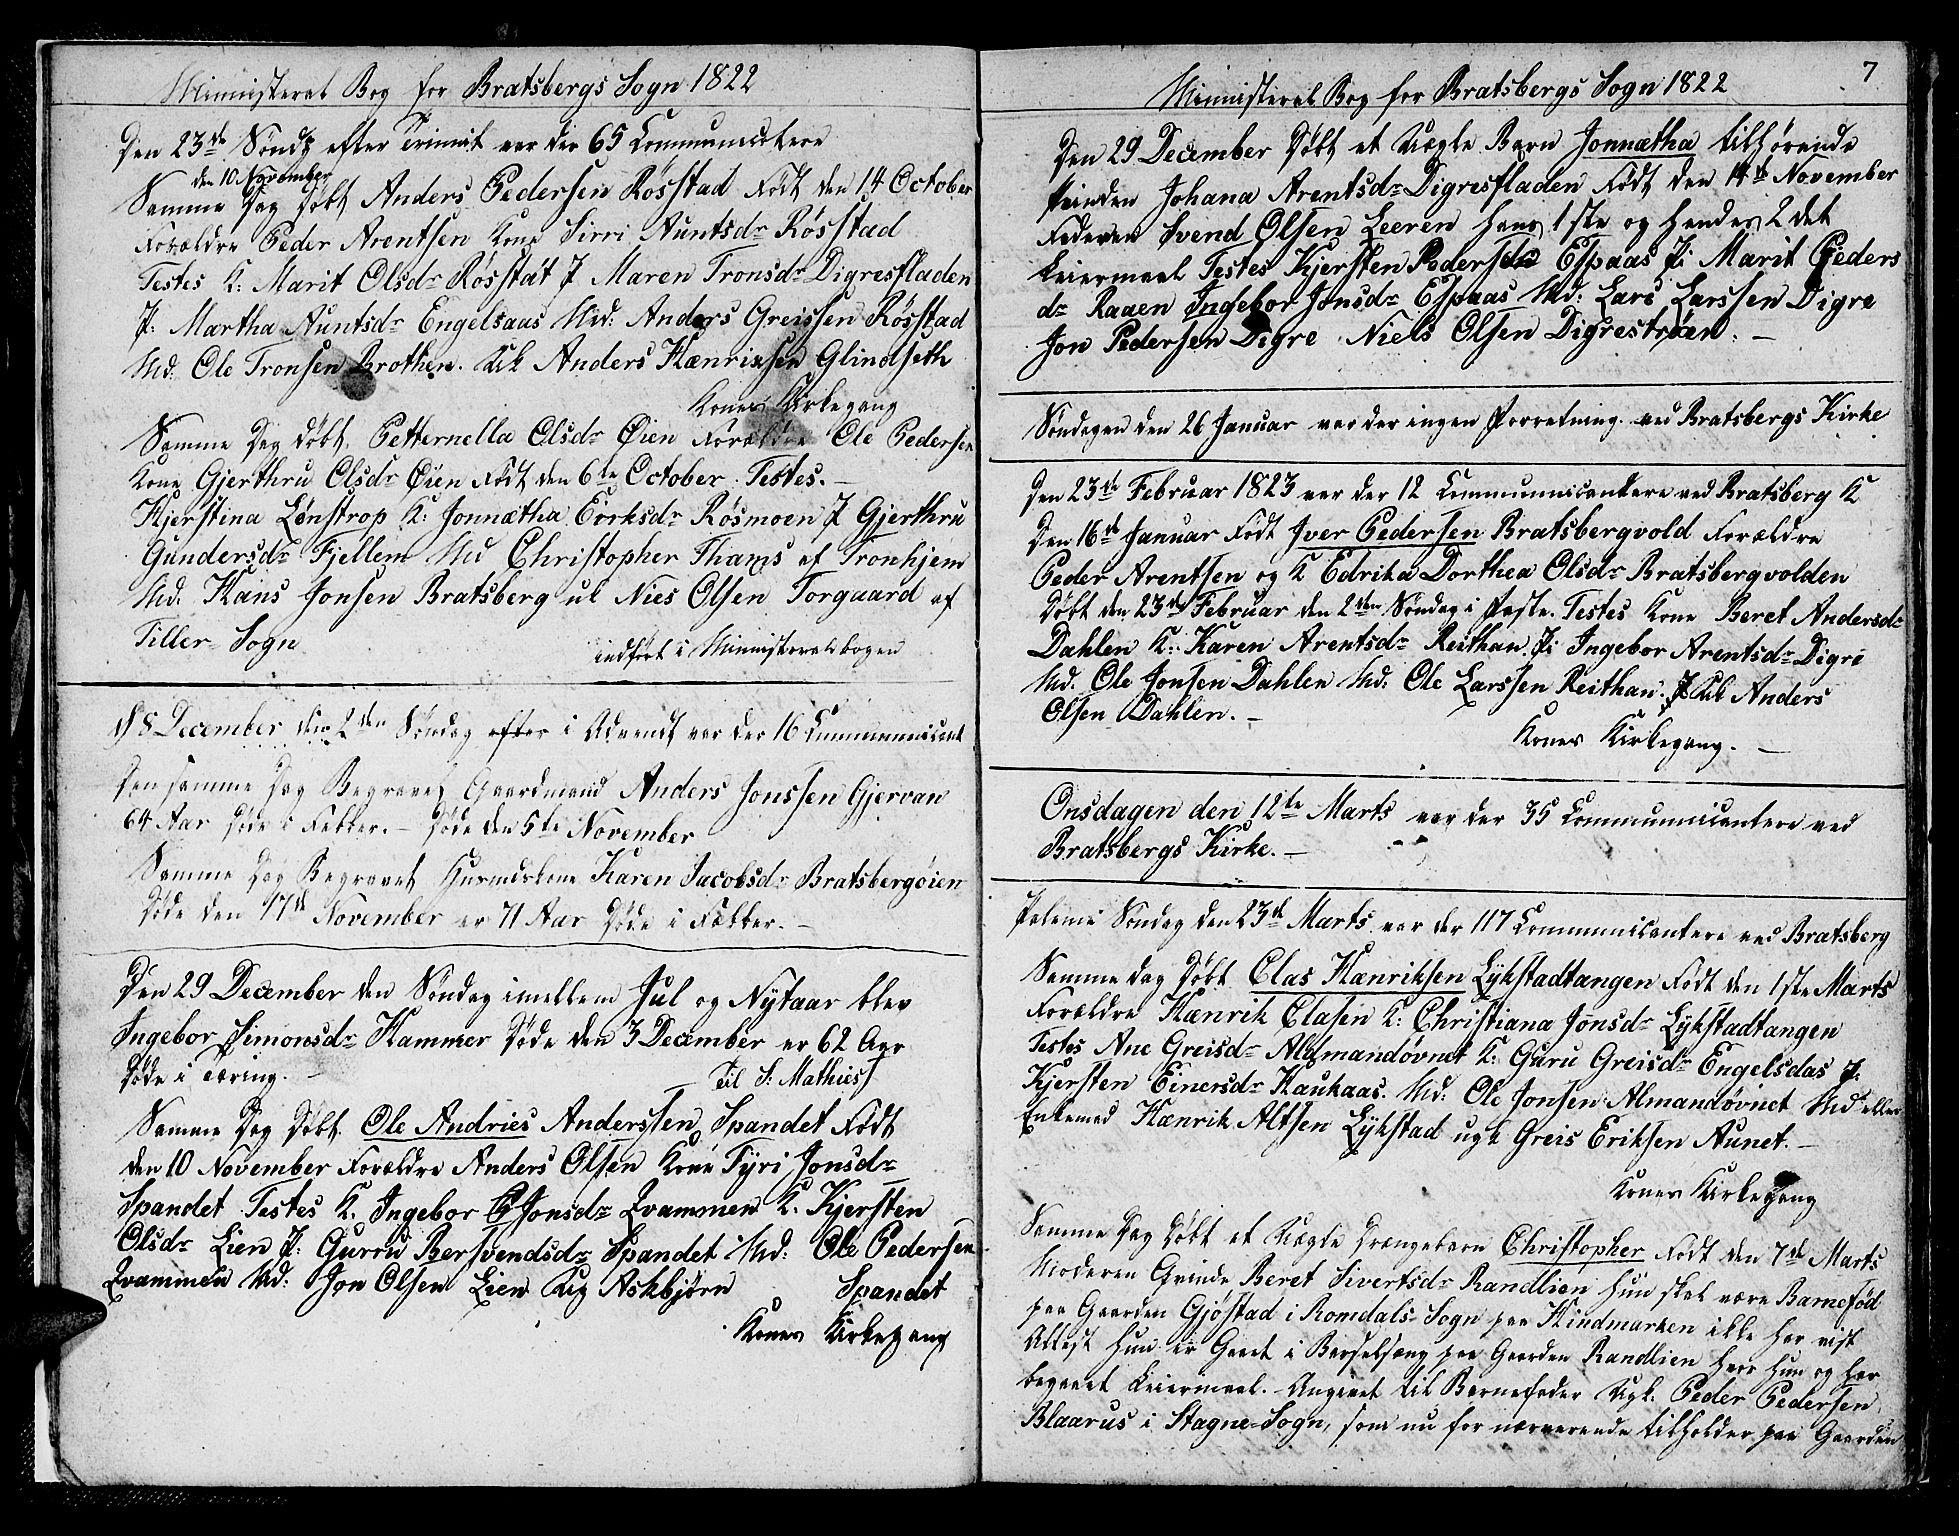 SAT, Ministerialprotokoller, klokkerbøker og fødselsregistre - Sør-Trøndelag, 608/L0337: Klokkerbok nr. 608C03, 1821-1831, s. 7